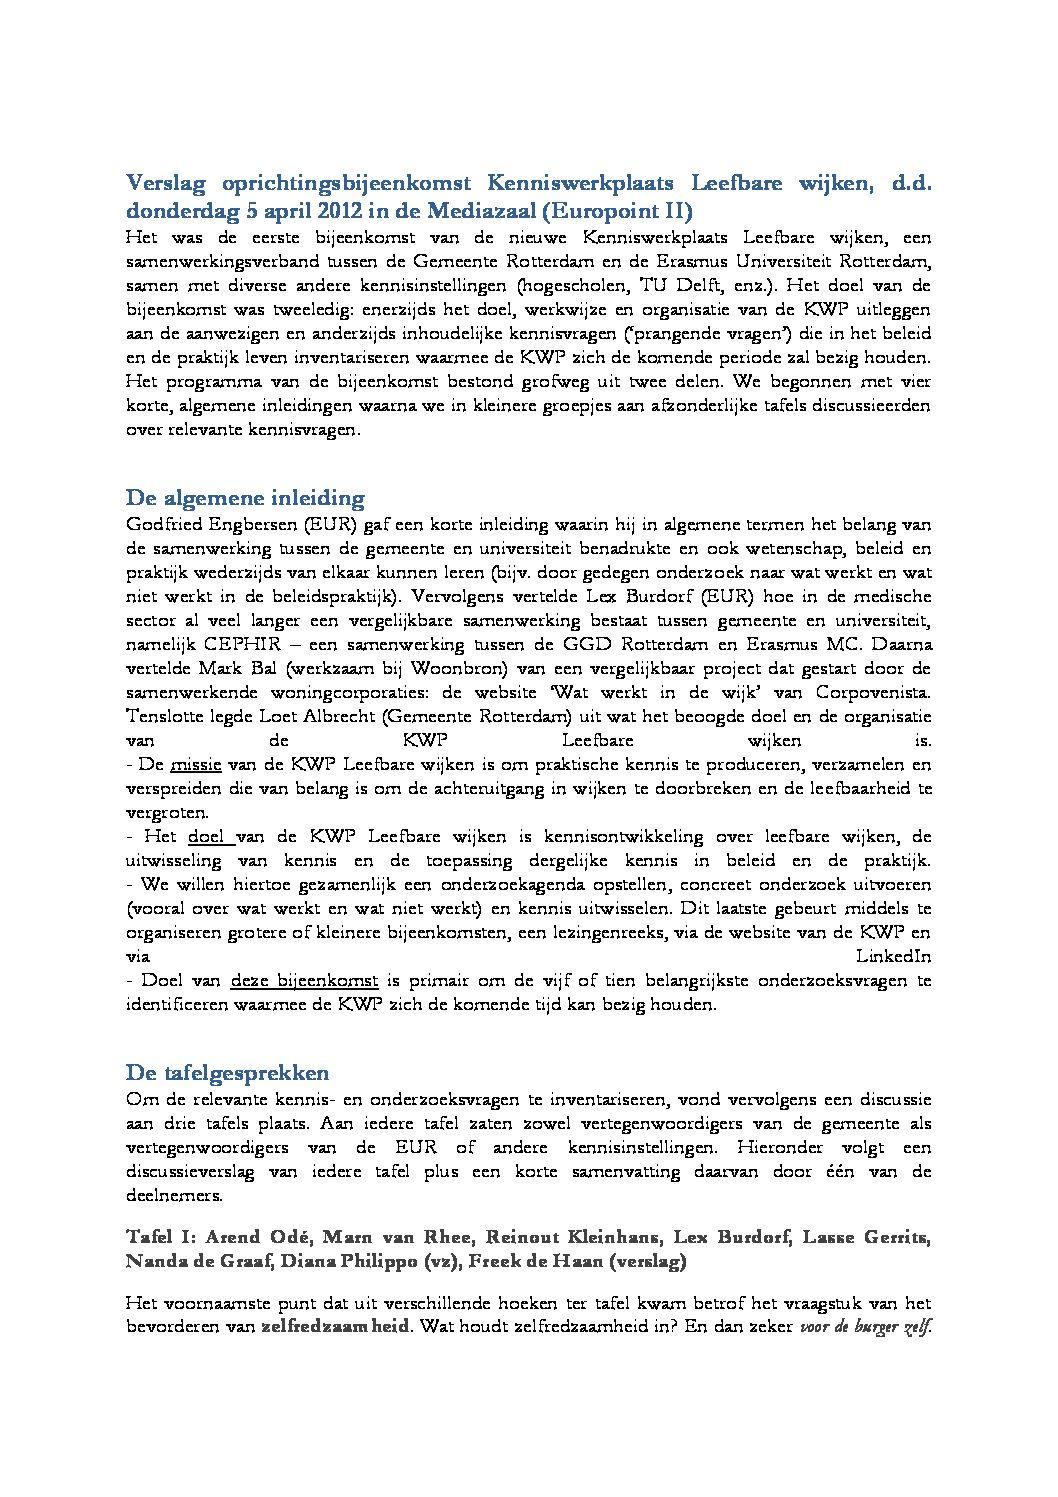 Verslag oprichtingsbijeenkomst Kenniswerkplaats Leefbare wijken